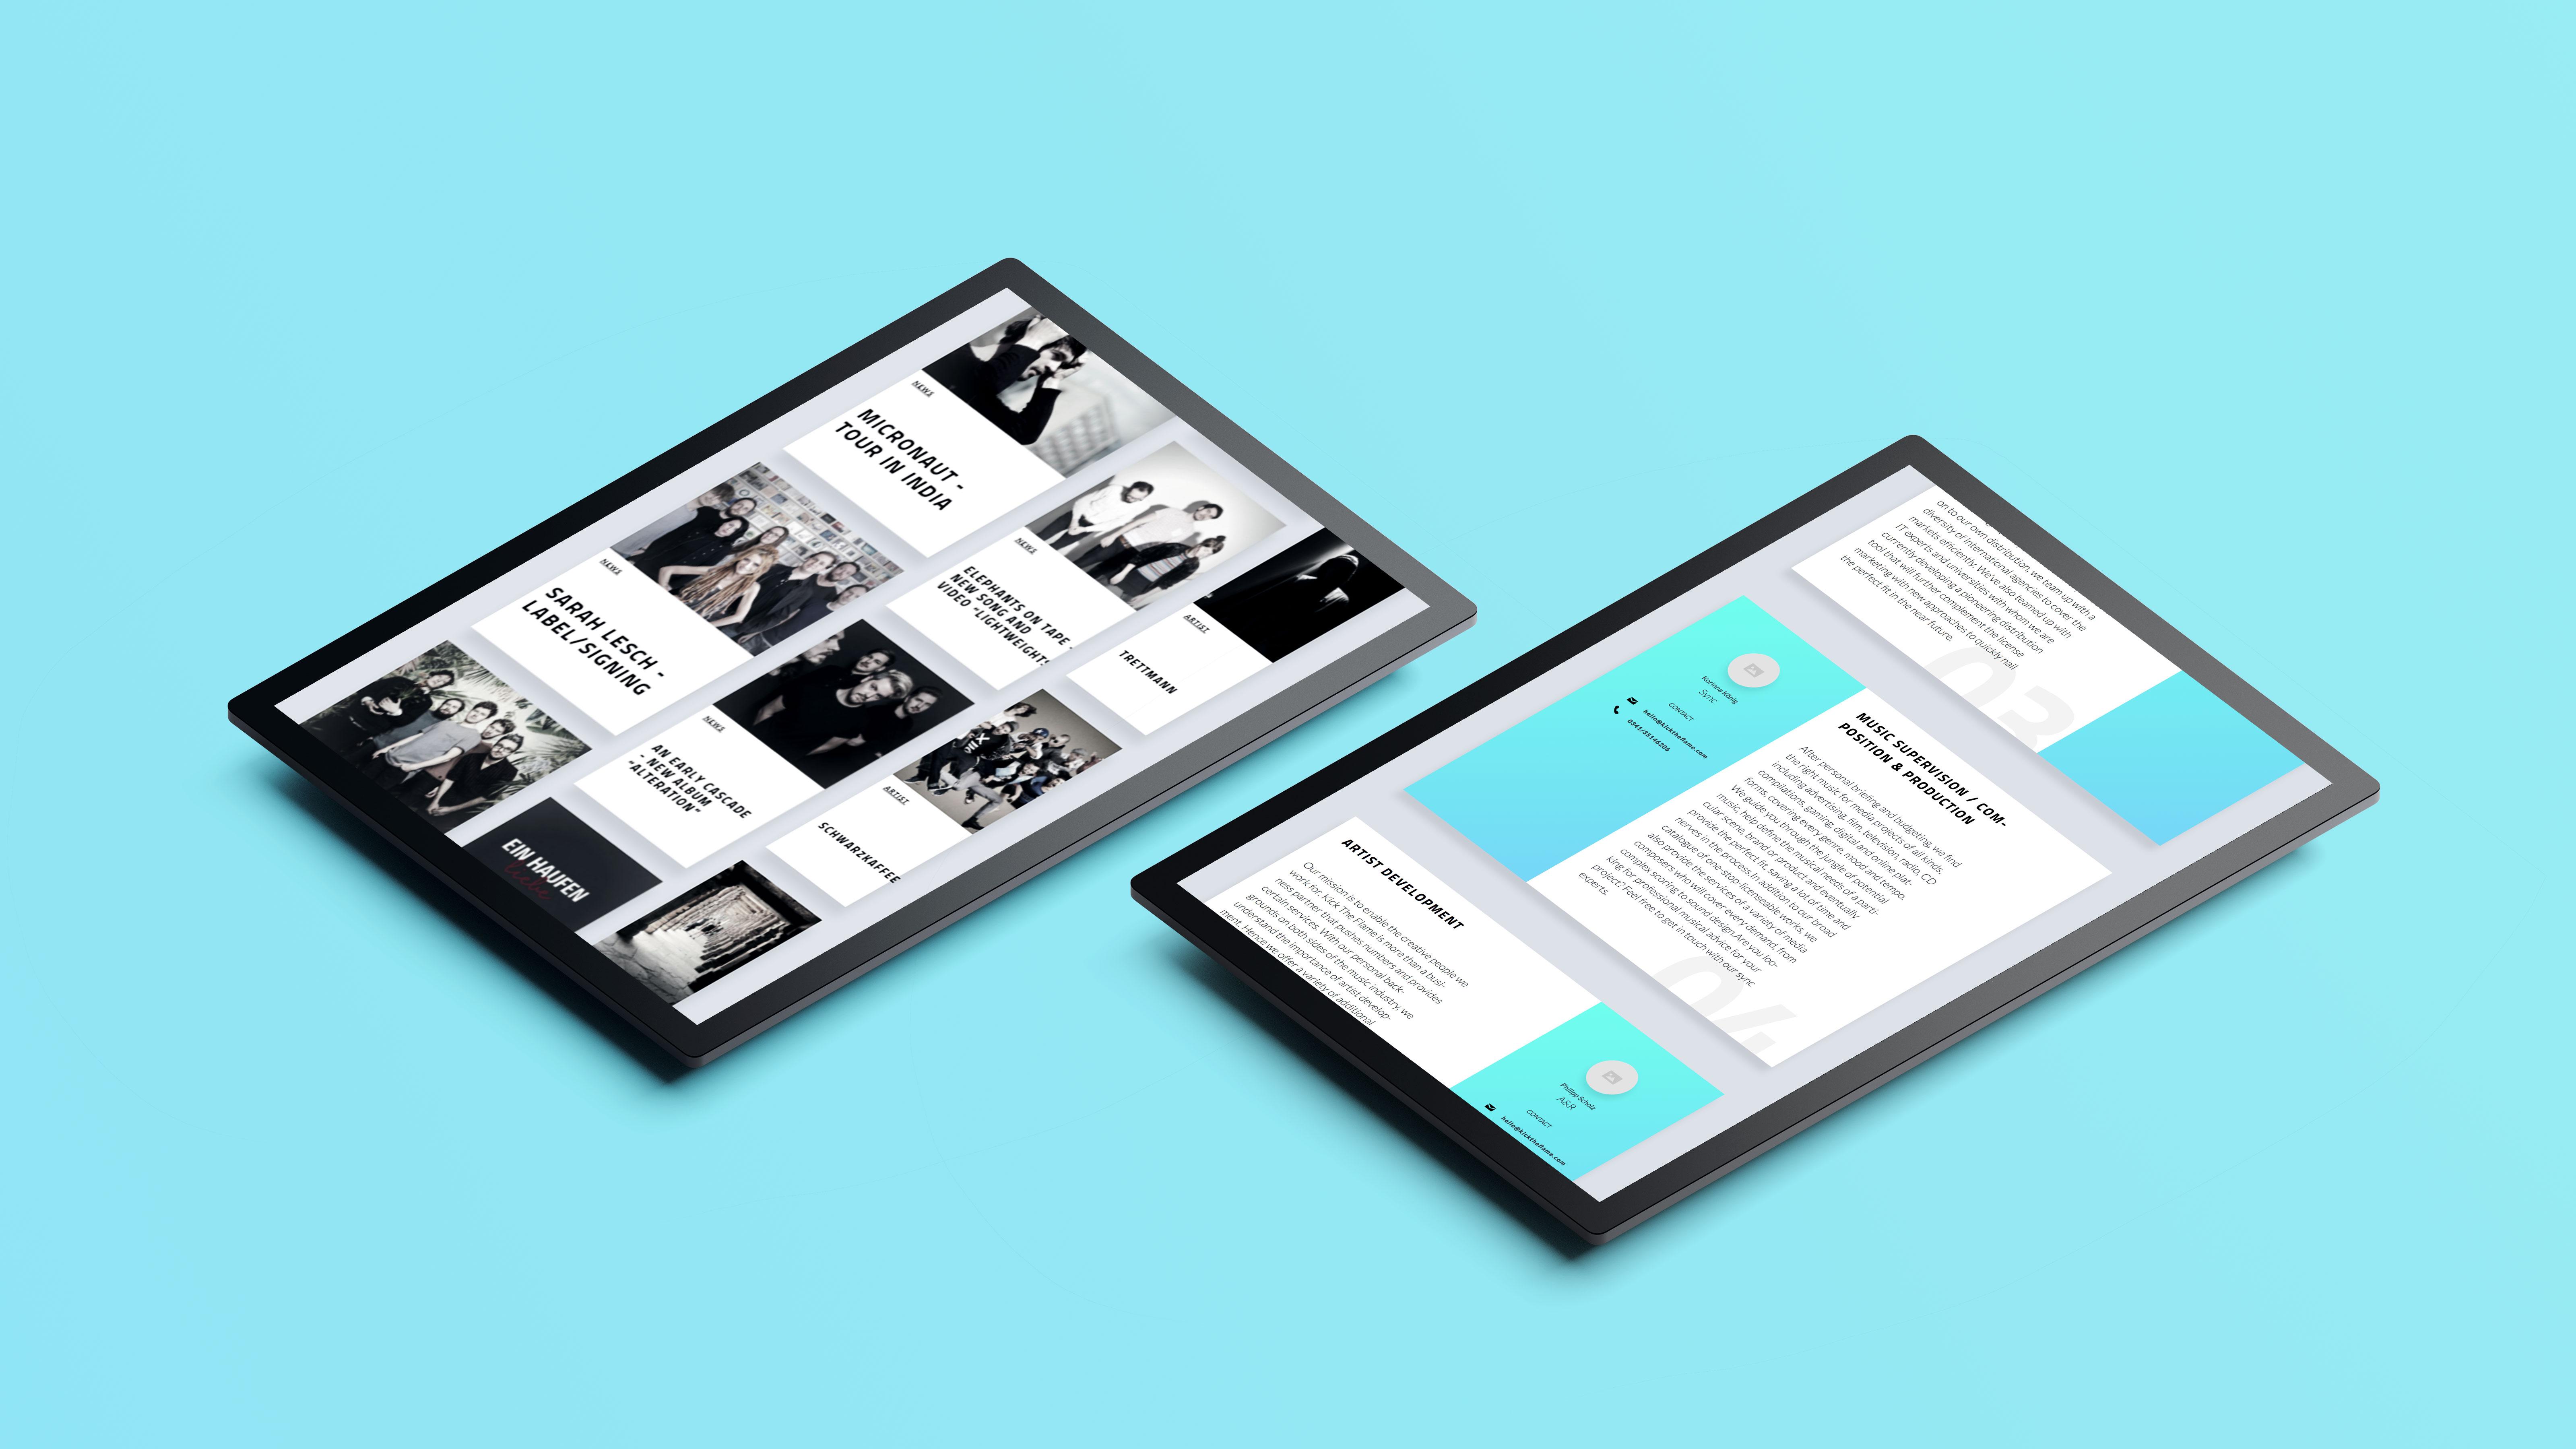 hellblauer Hintergrund, darauf 2 Tablets mit unterschiedlichen Ansichten der Website